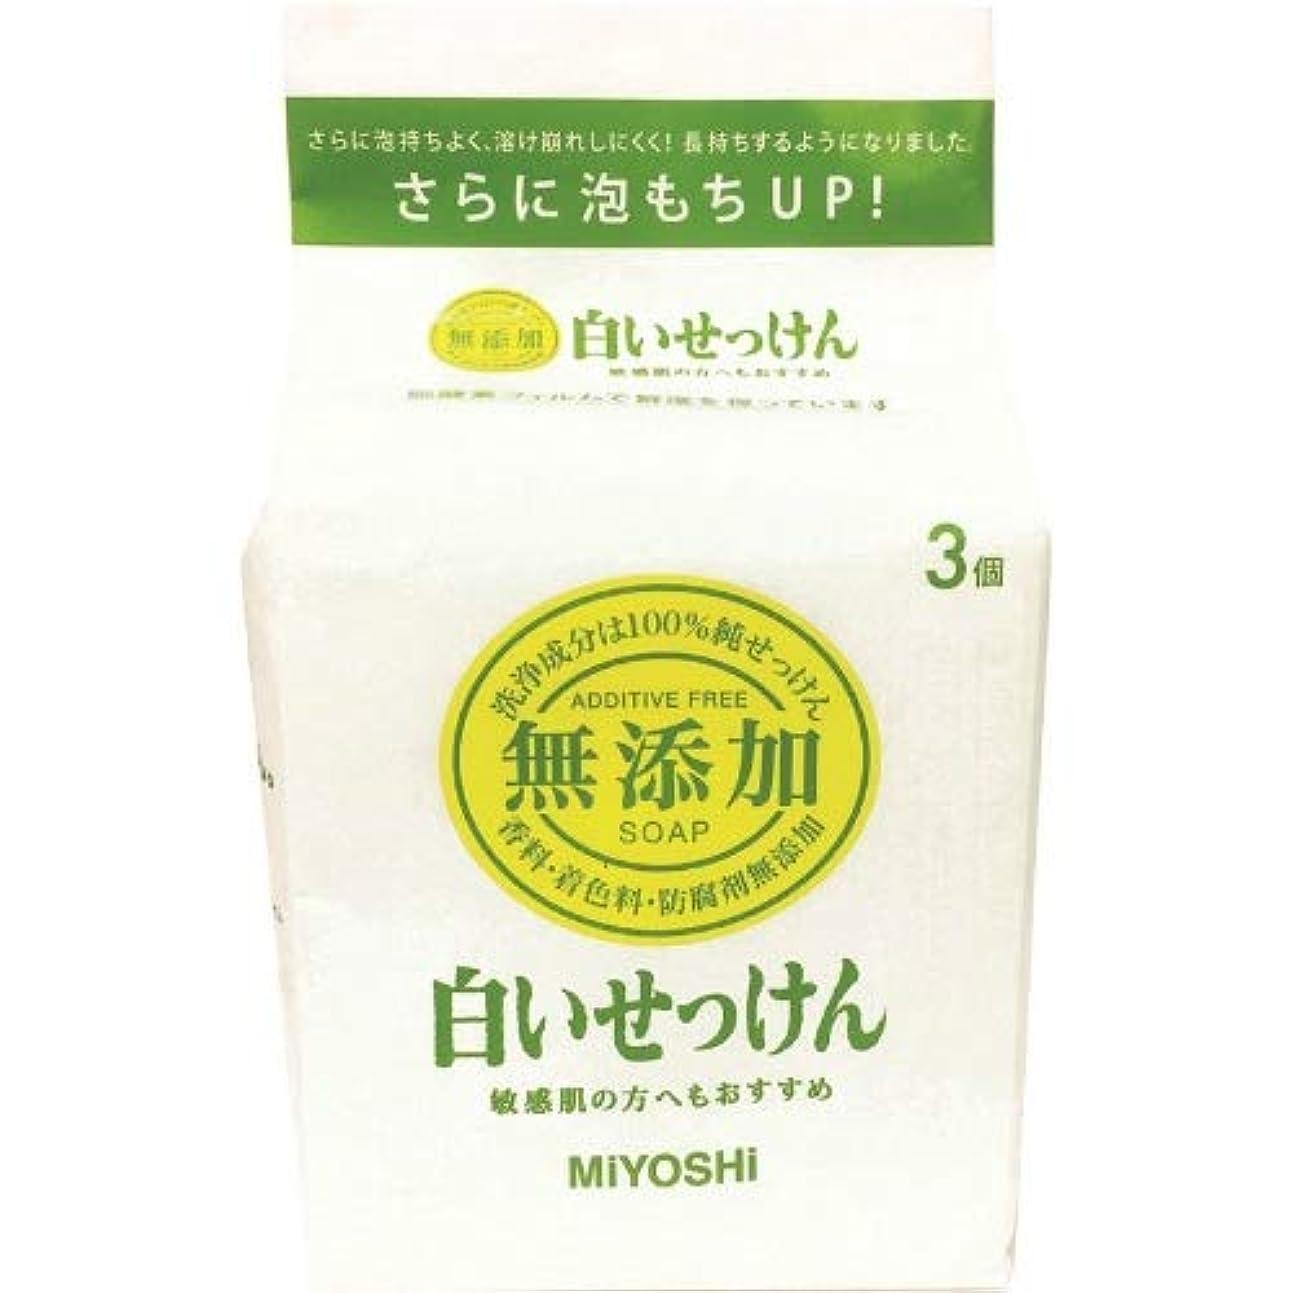 焦げ化学者マーガレットミッチェルミヨシ石鹸 MIYOSHI 無添加 白いせっけん 108g×3個入 ボディ用